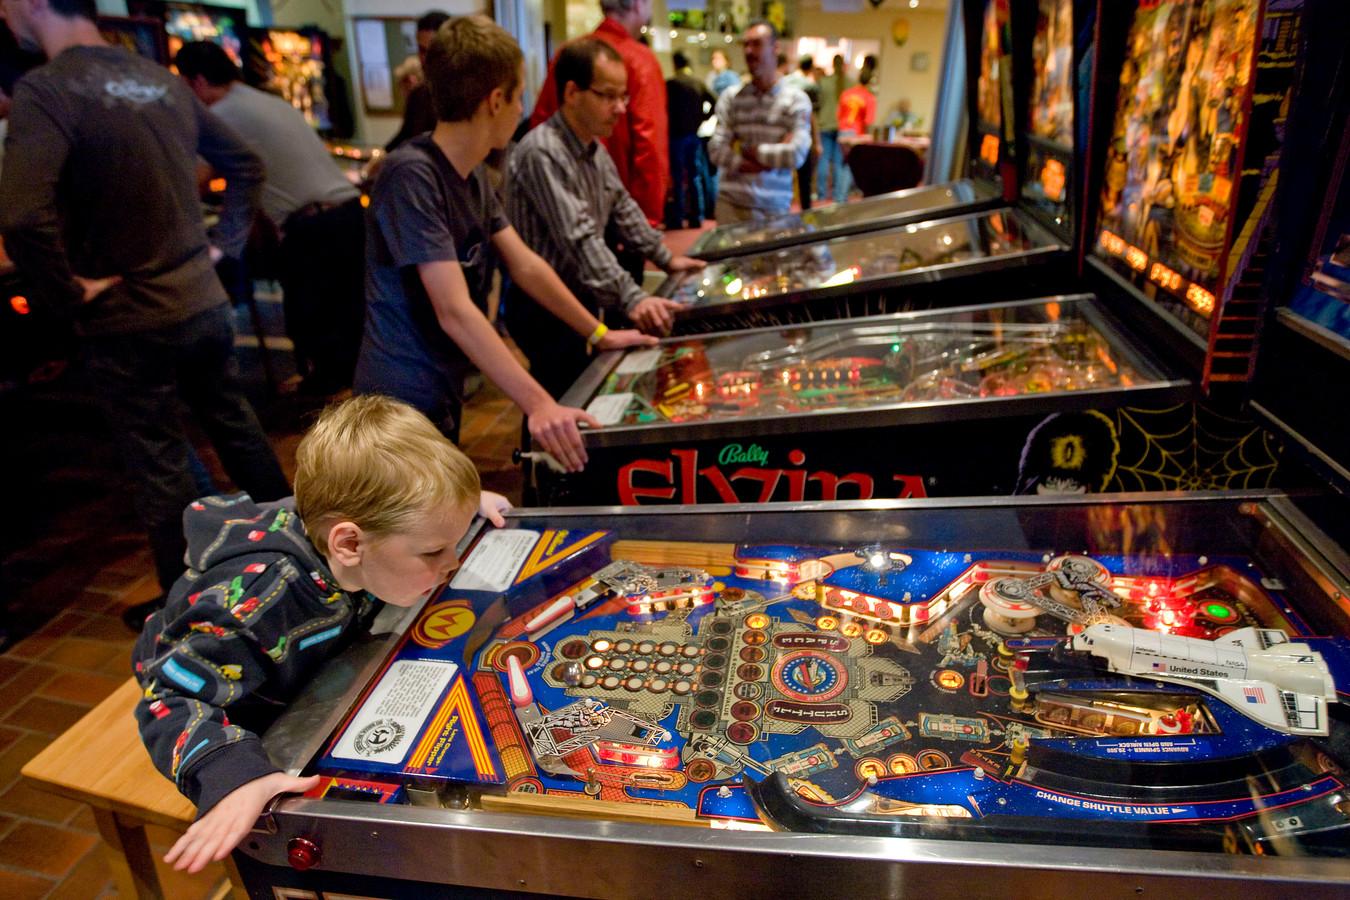 Bij een eerdere editie van de Dutch Pinball Open  was de driejarige Xandro uit Eindhoven de jongste deelnemer.